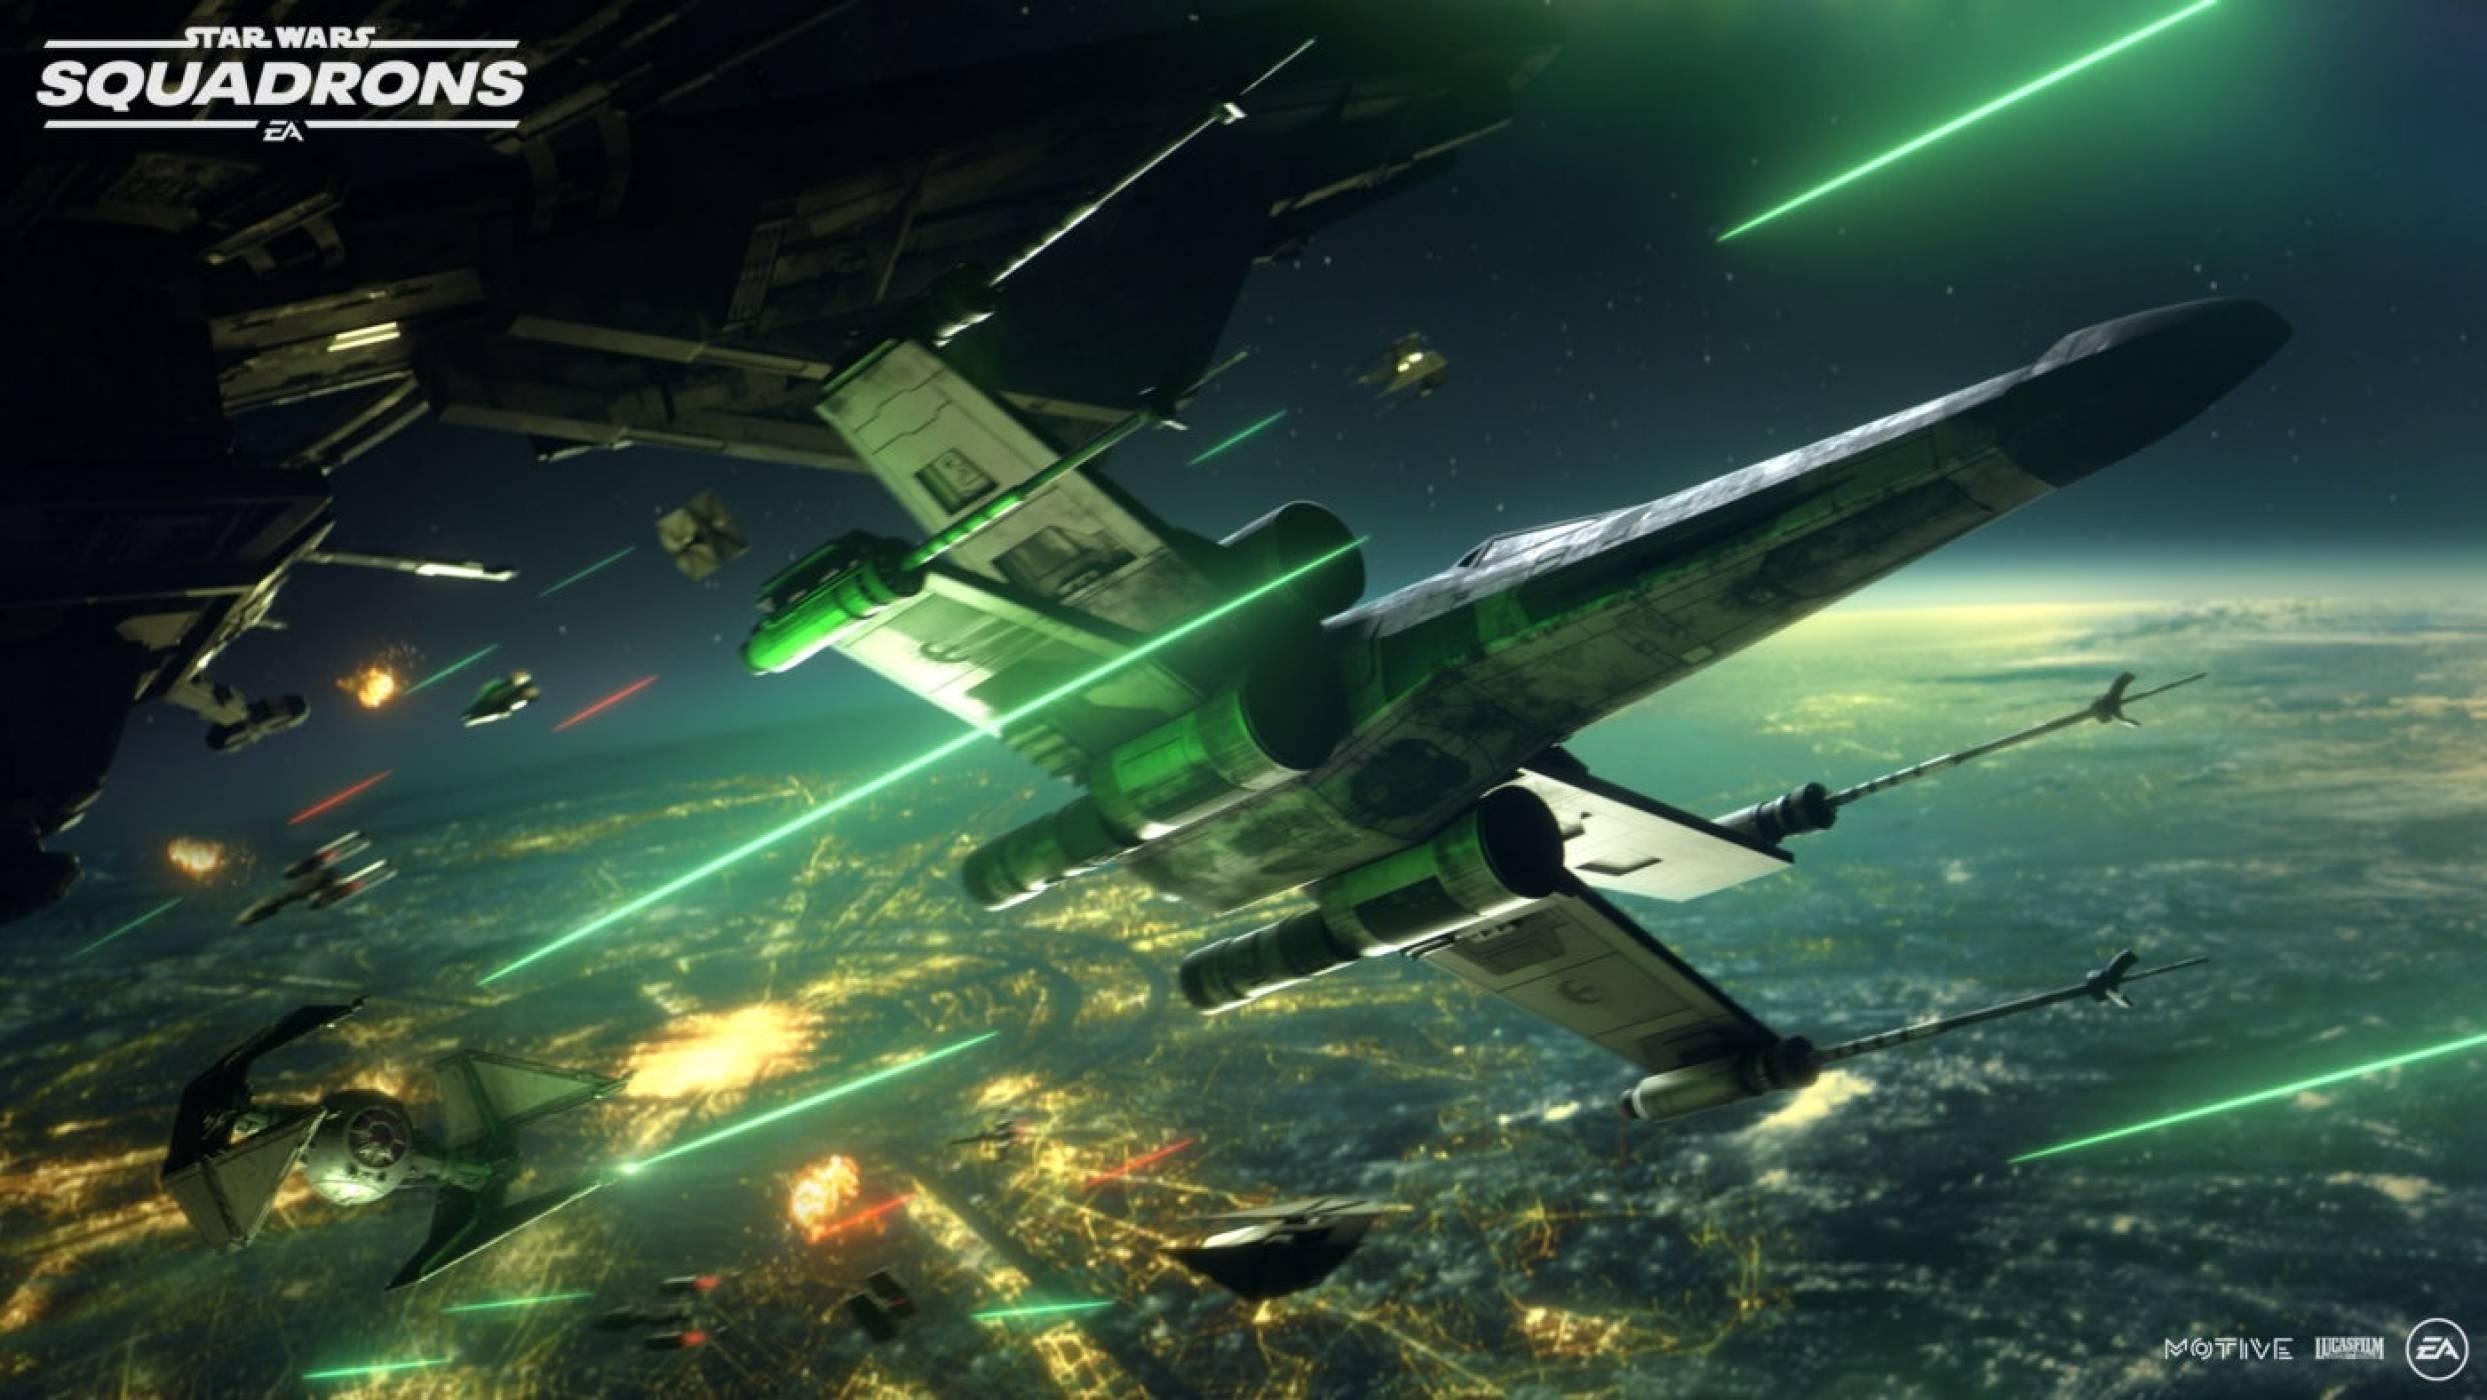 Star Wars: Squadrons няма да изисква допълнителни плащания